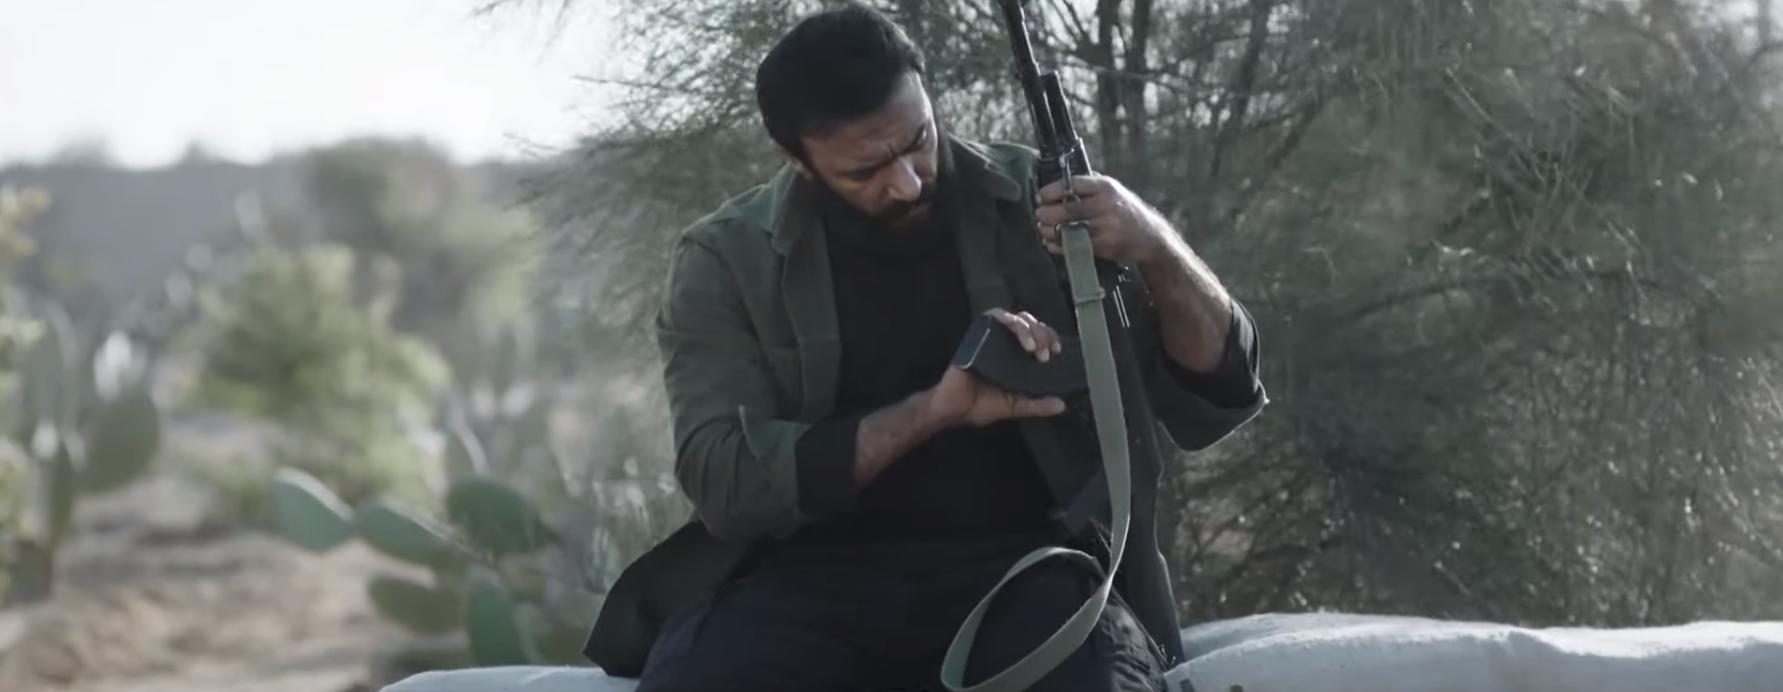 أحمد العوضي في مشهد من المسلسل